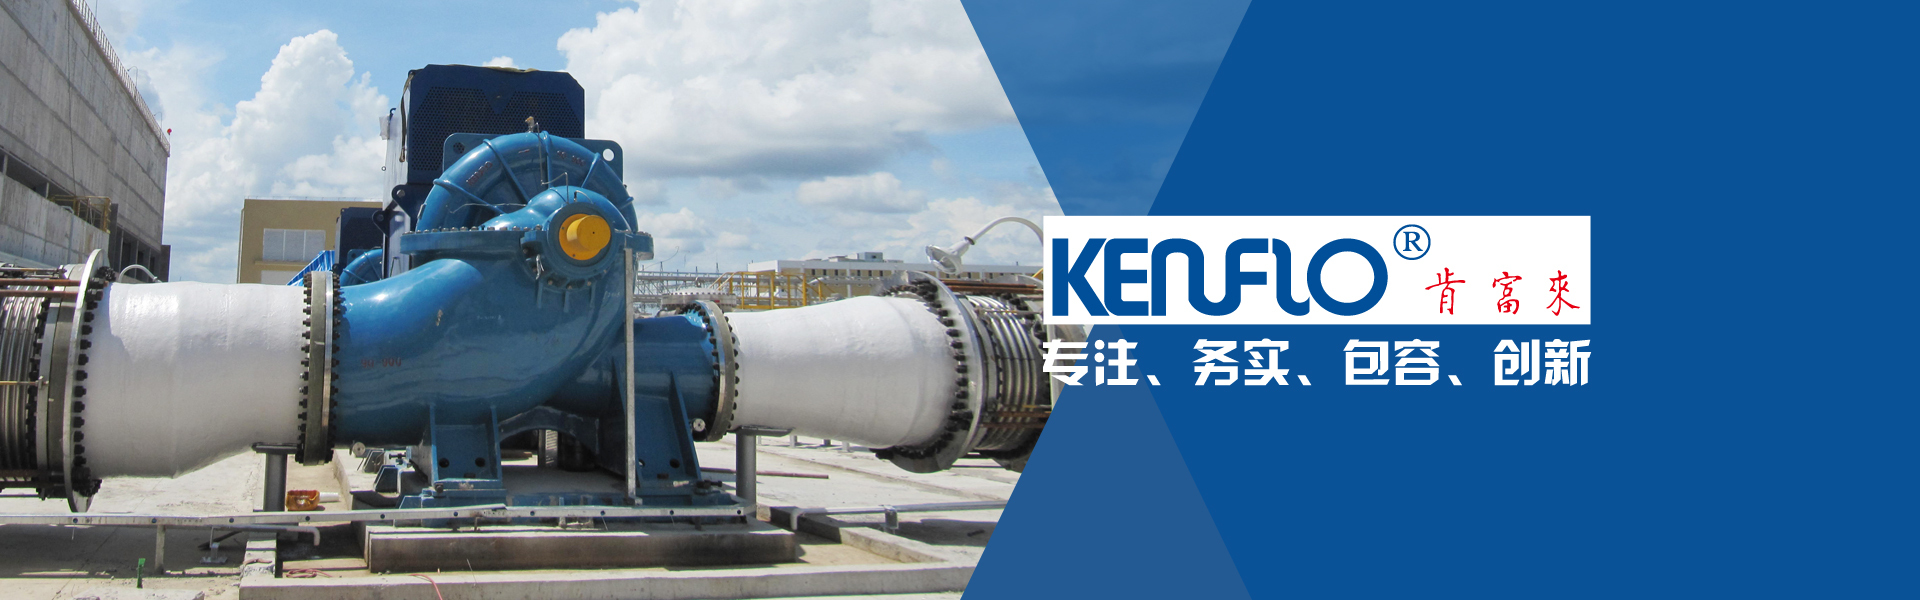 佛山市肯富来机电产品销售有限公司发展多年以来打造了驰名品牌肯富来。